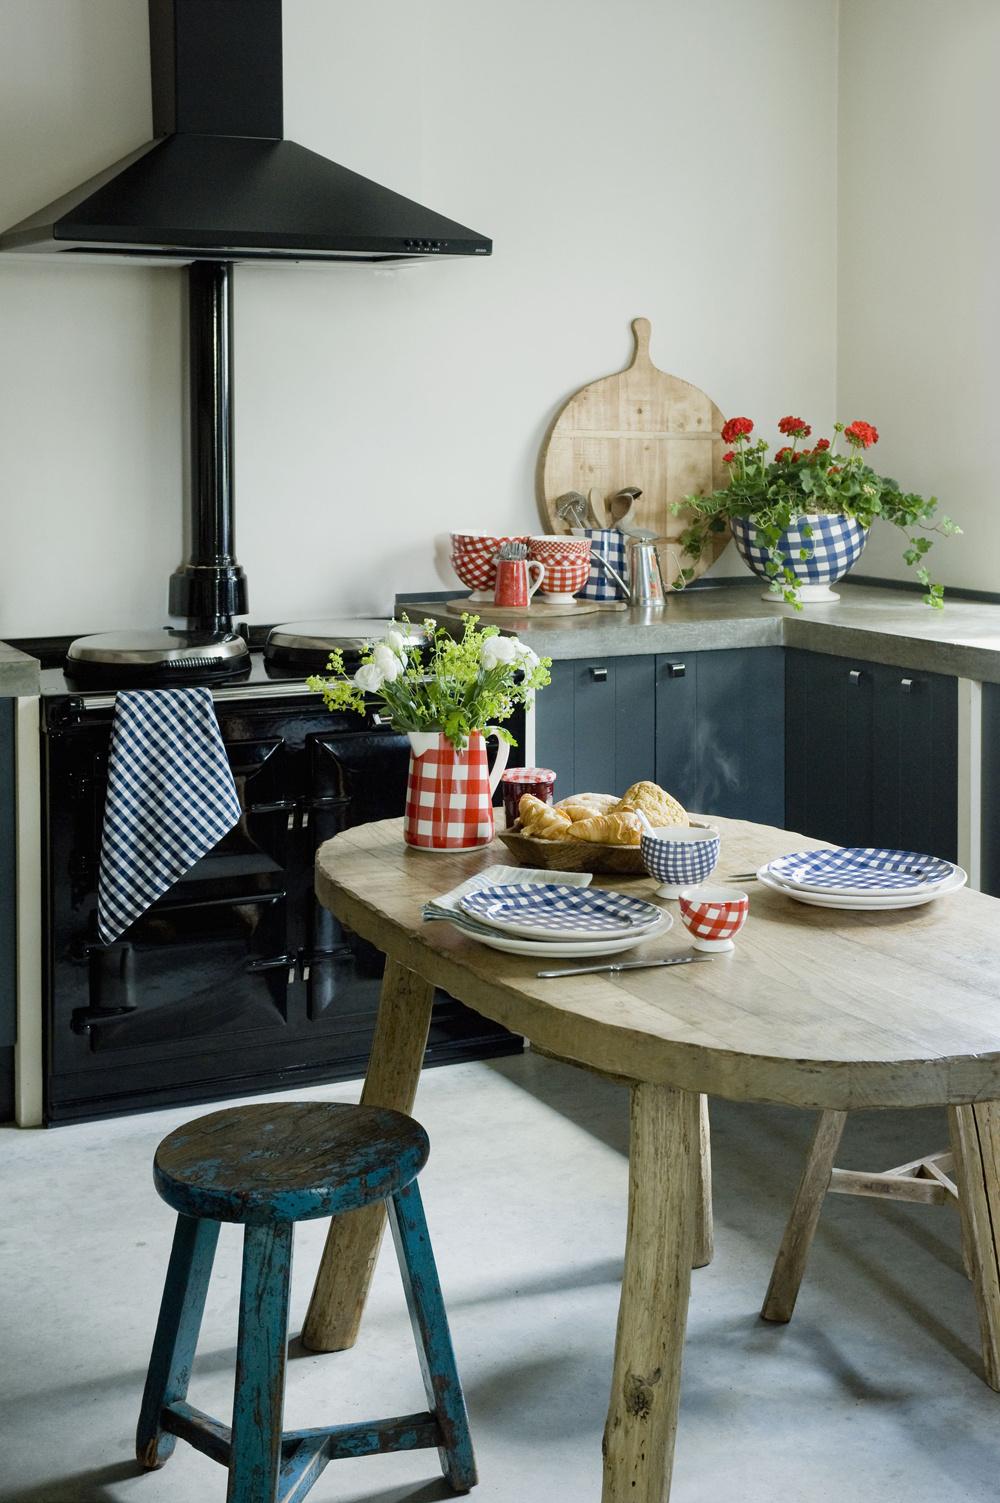 """Umiestnenie kuchyne nemôže byť len tak """"hala-bala"""". Najlepším riešením je dostať ju čo najďalej od hlavného vchodu. Takto si dokáže zachovať svoju atmosféru oddychu, pokoja, relaxu a zároveň, keď na ňu nebudete mať výhľad hneď po vkročení do domu, nestrávite celý život myšlienkou na jedlo. Ak bývate v byte a kuchyňu máte po vstupe rovno pred nosom, situácia sa dá zachrániť. Využite jemný dekoračný záves alebo výrazné a zaujímavé doplnky do chodby. Tie pozornosť odklonia správnym smerom. Kuchyňa umiestnená oproti obývacej izbe spôsobuje, že jej obyvatelia trpia chatrným zdravím a často sa hádajú."""